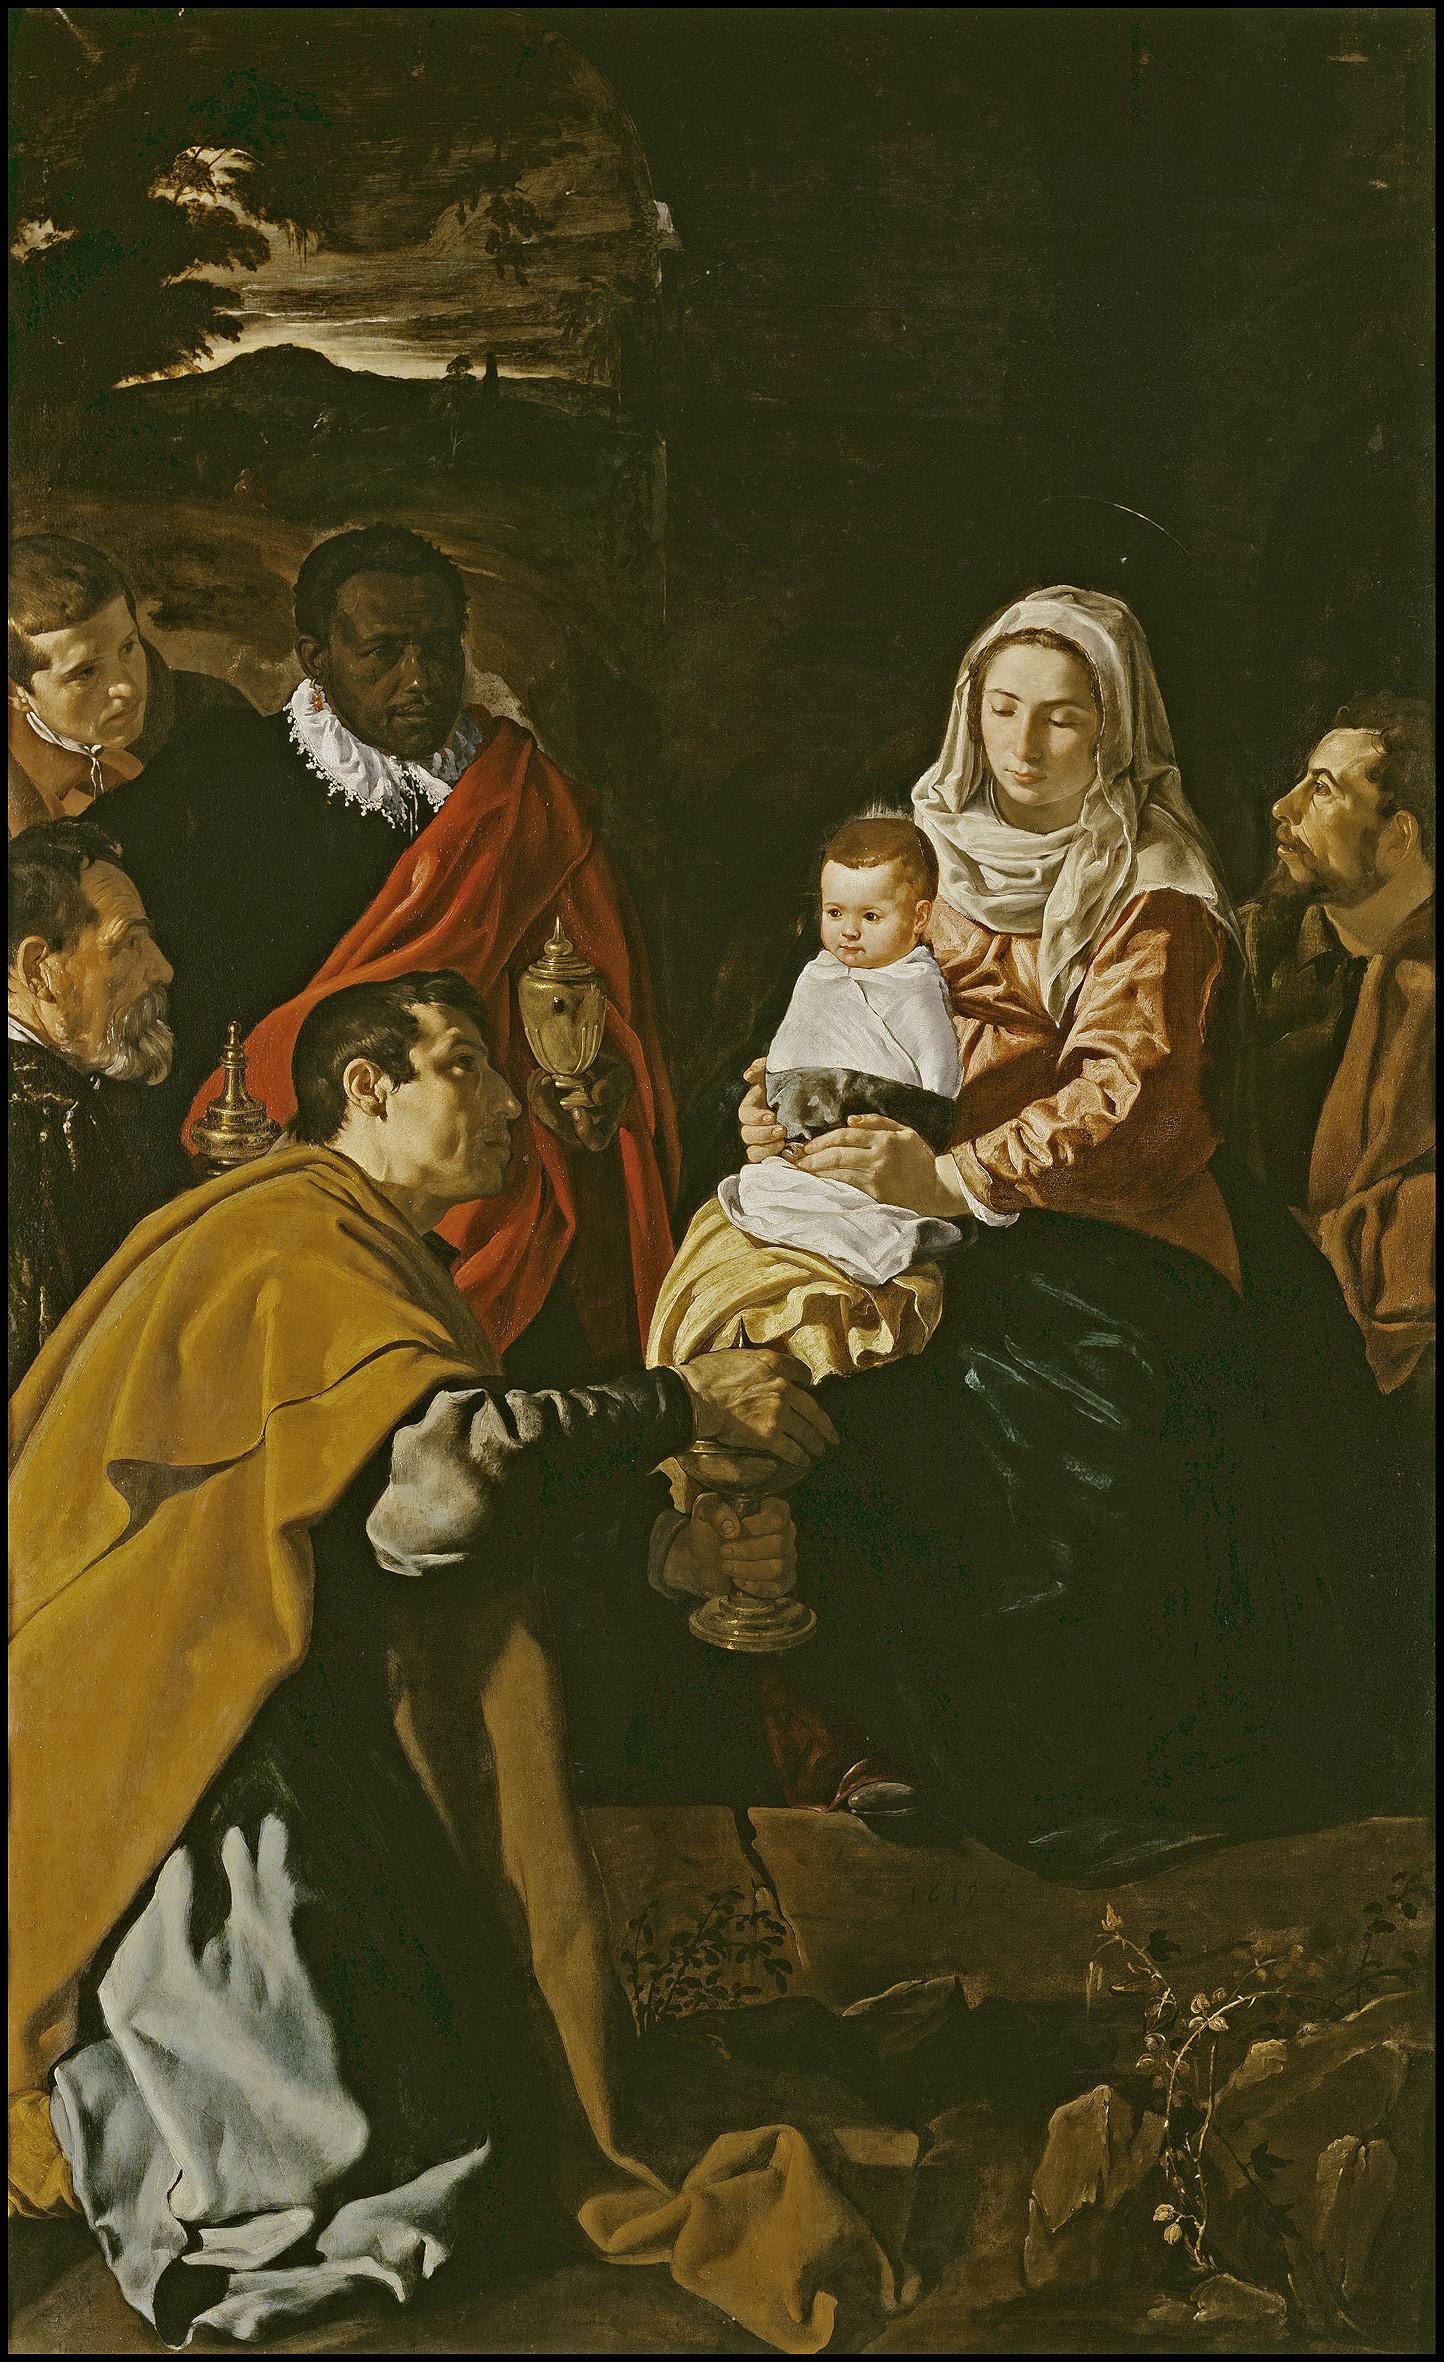 Velázquez. Adoración de los Reyes Magos, 1629.  Madrid, Museo Nacional del Prado